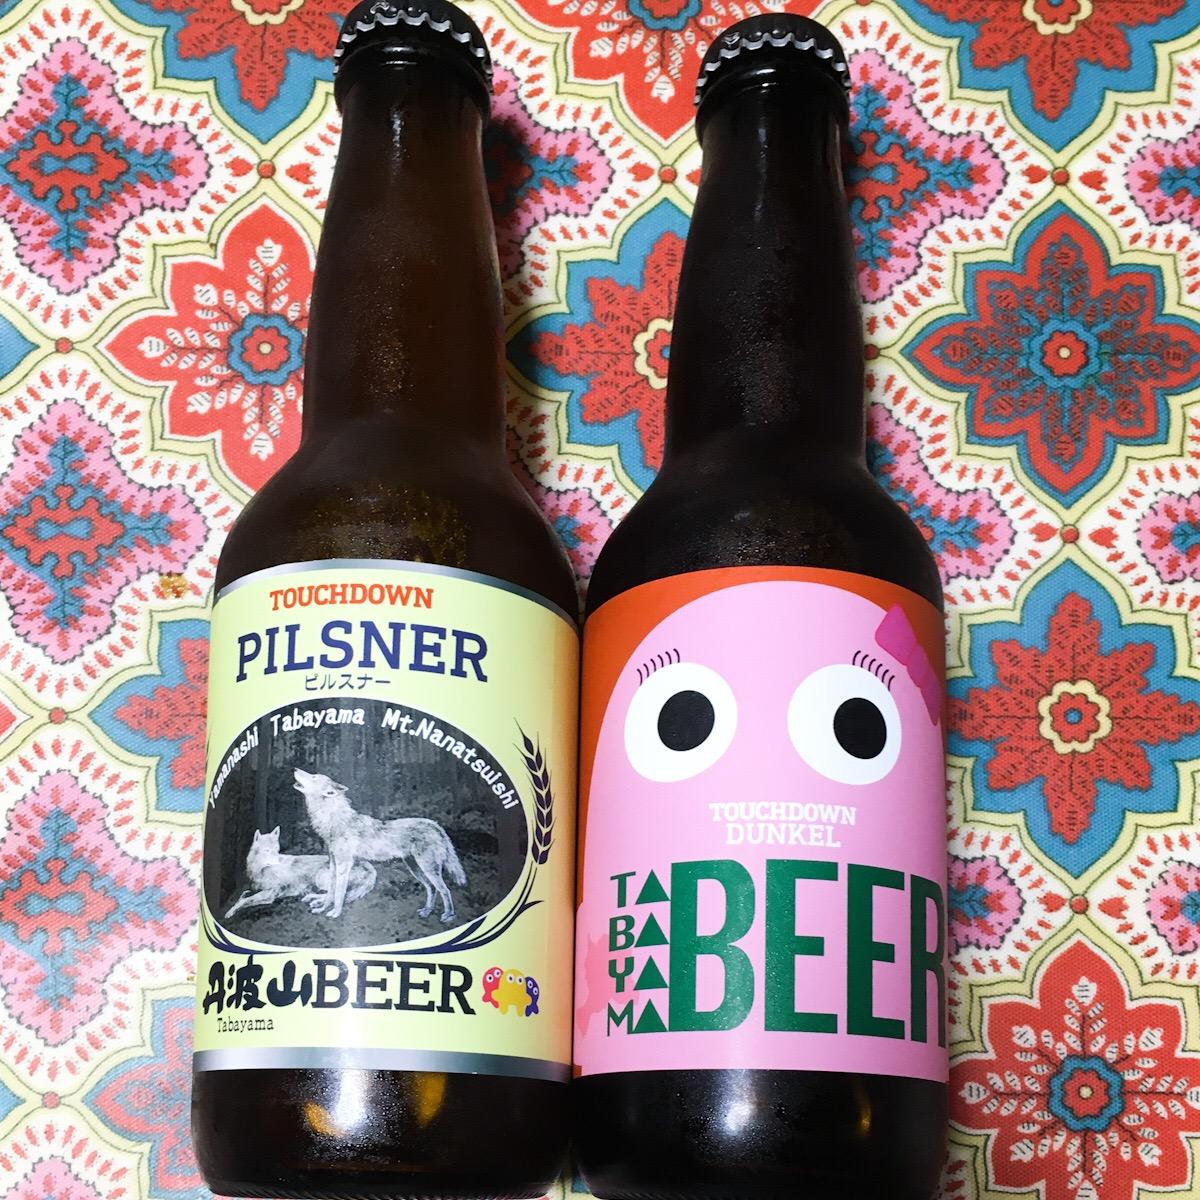 道の駅たばやまで売っていたクラフトビール、「タバスキー」と「七ツ石狼ビール」が美味い!